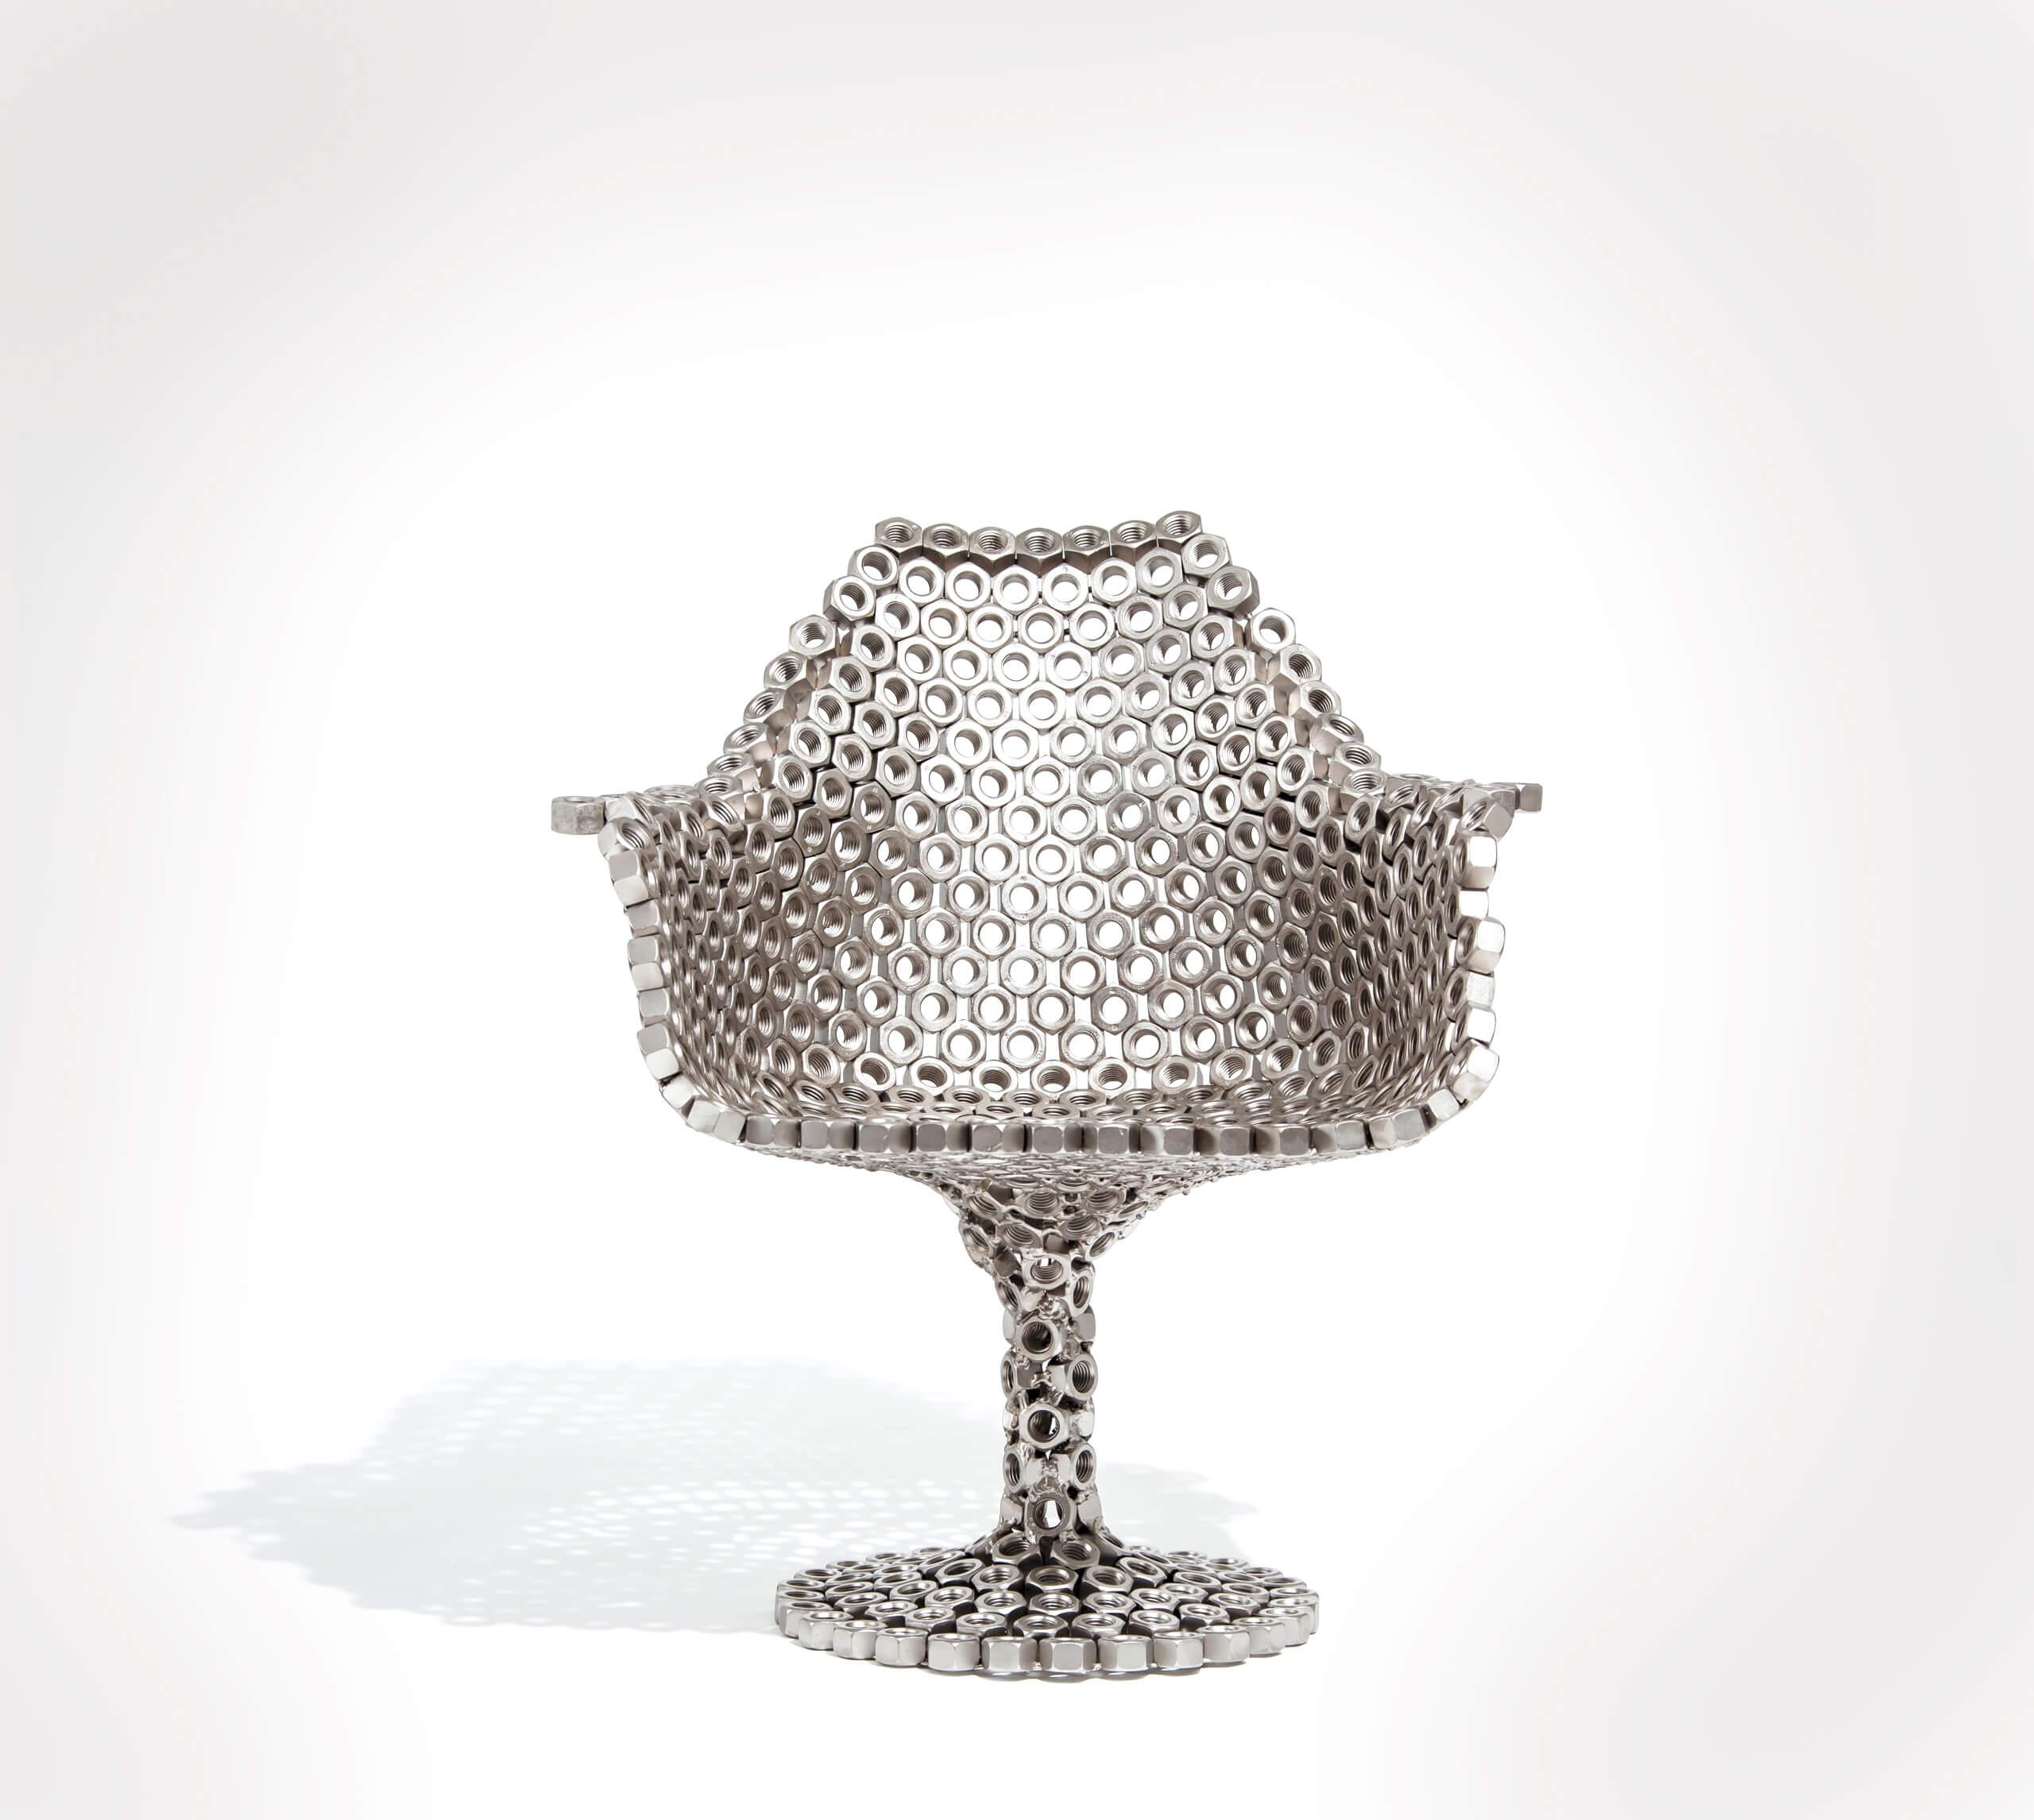 Tulip Bolts Chair | Nuevos Territorios. Laboratorios de diseño, artesanía y arte en América Latina | Museo Amparo, Puebla